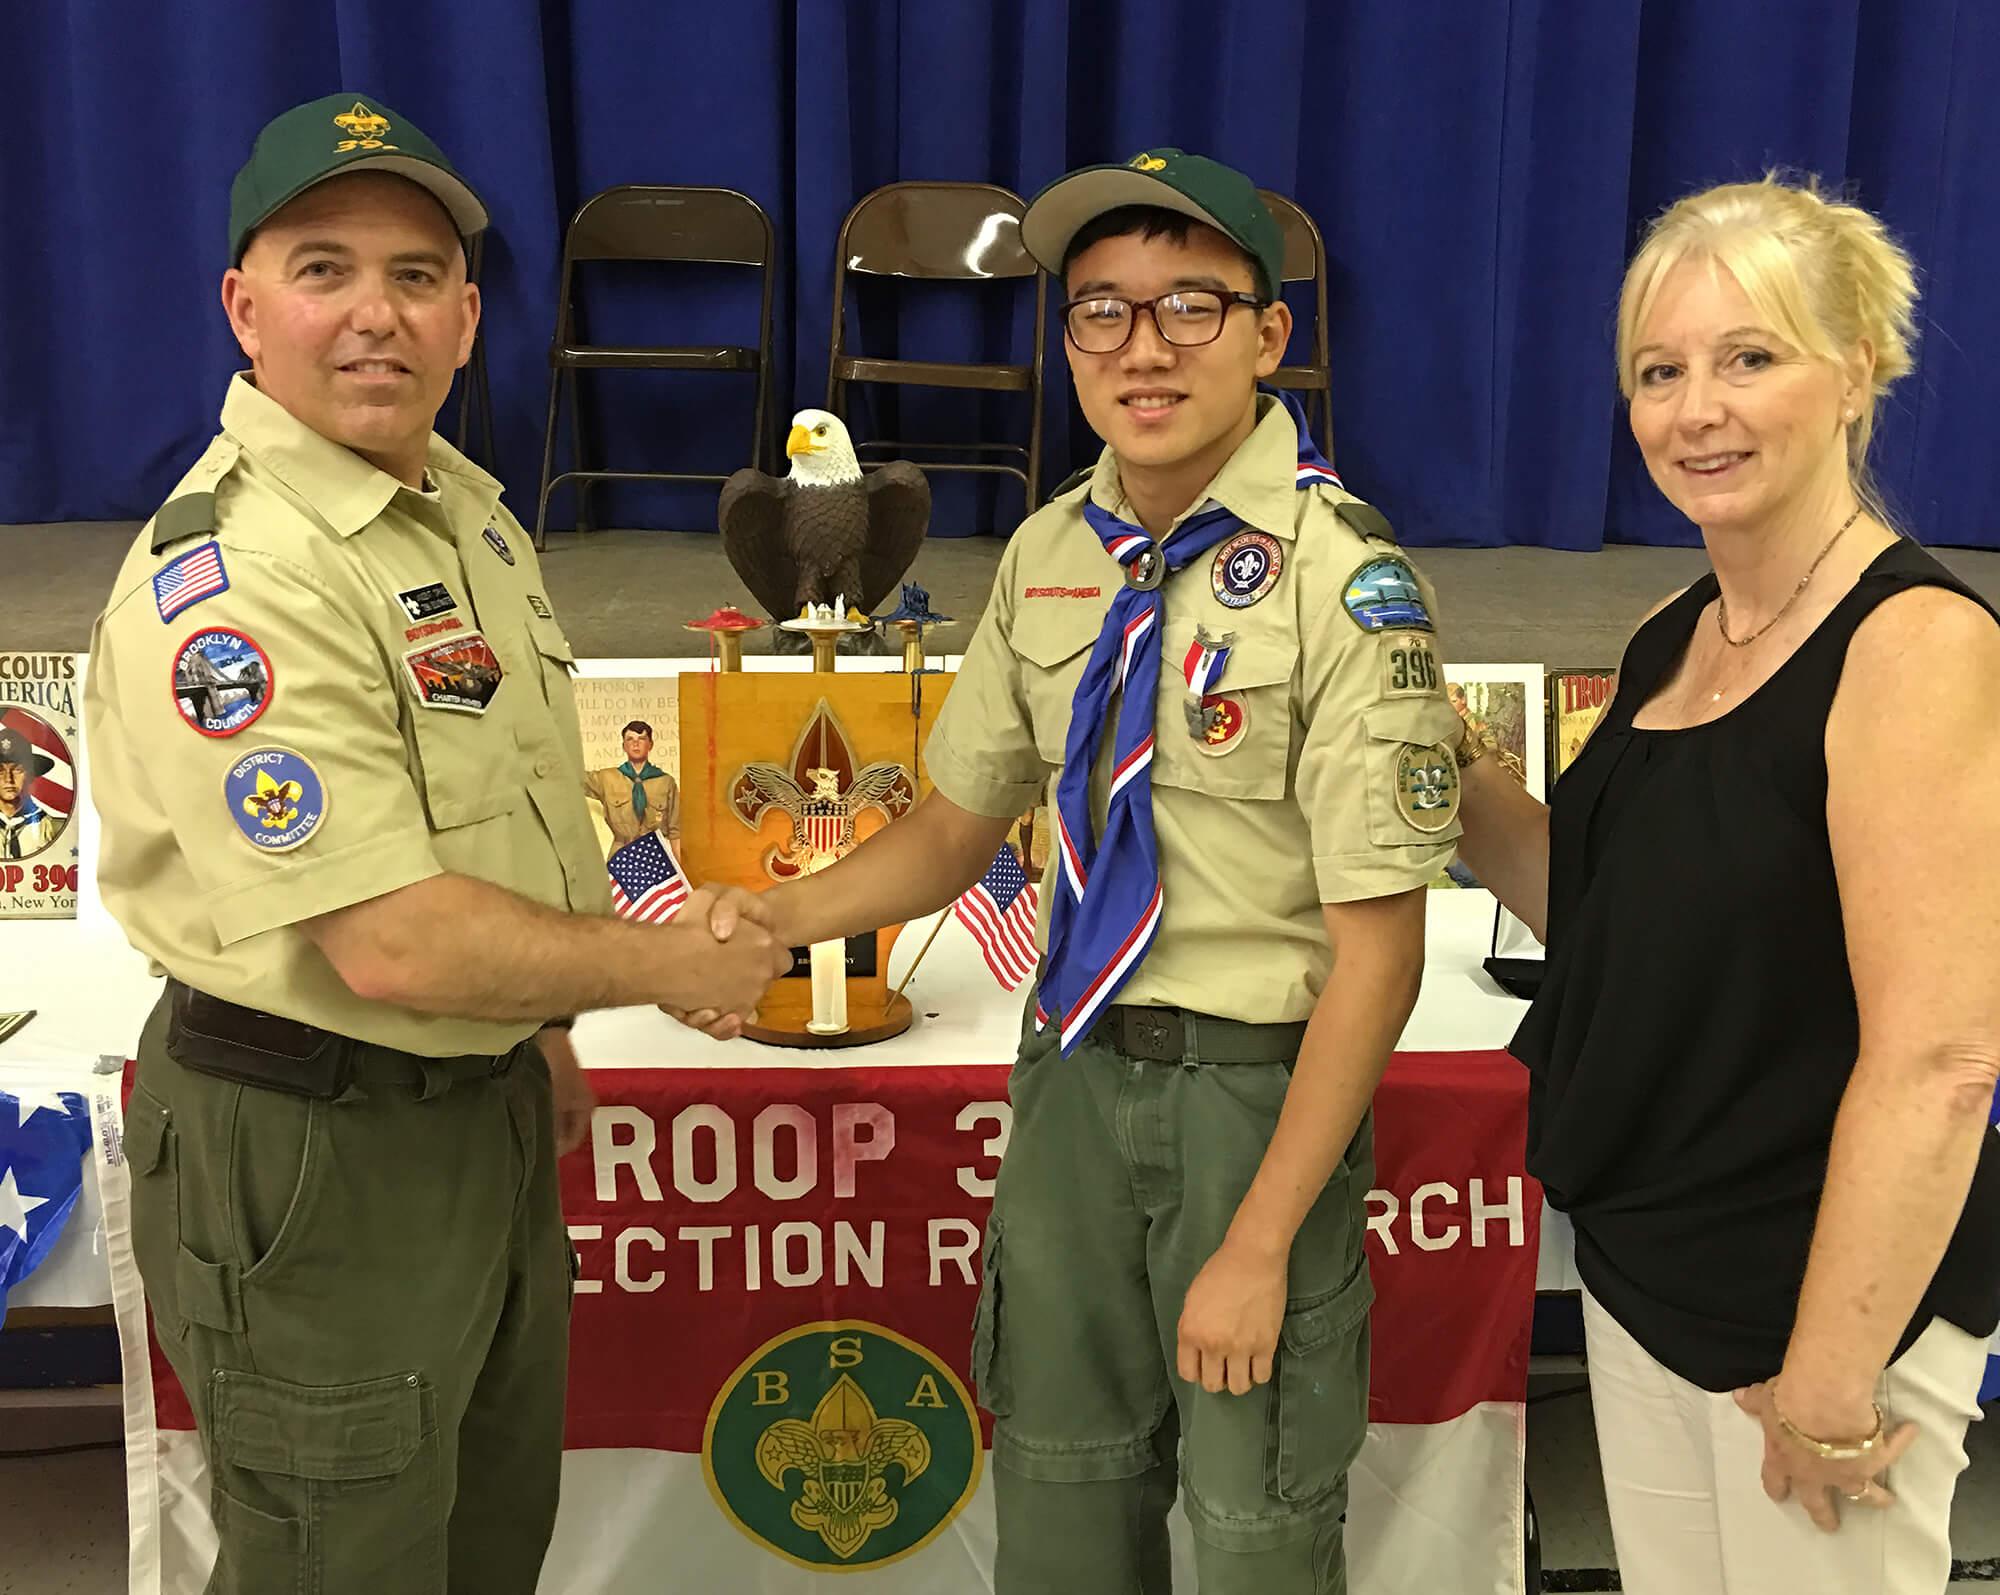 Boy scout receives Rare Award